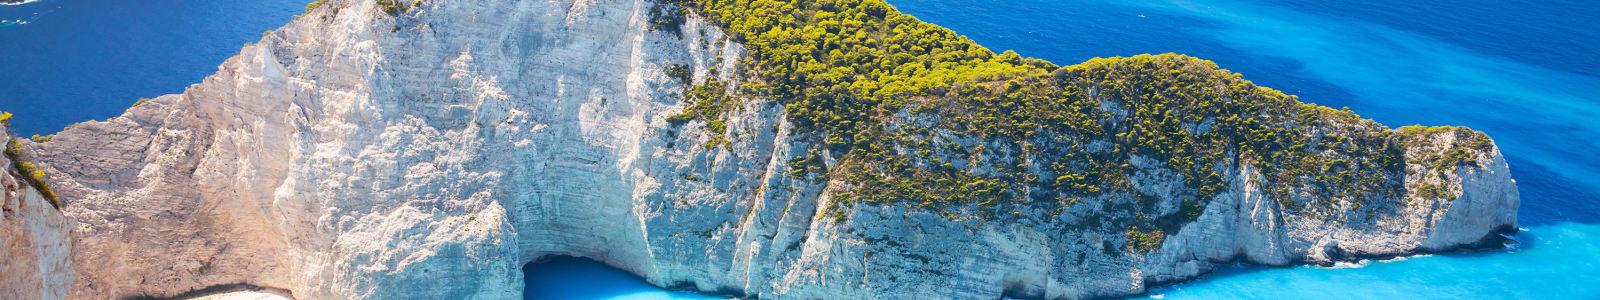 Smuggler's Cove on Zakynthos, Greece